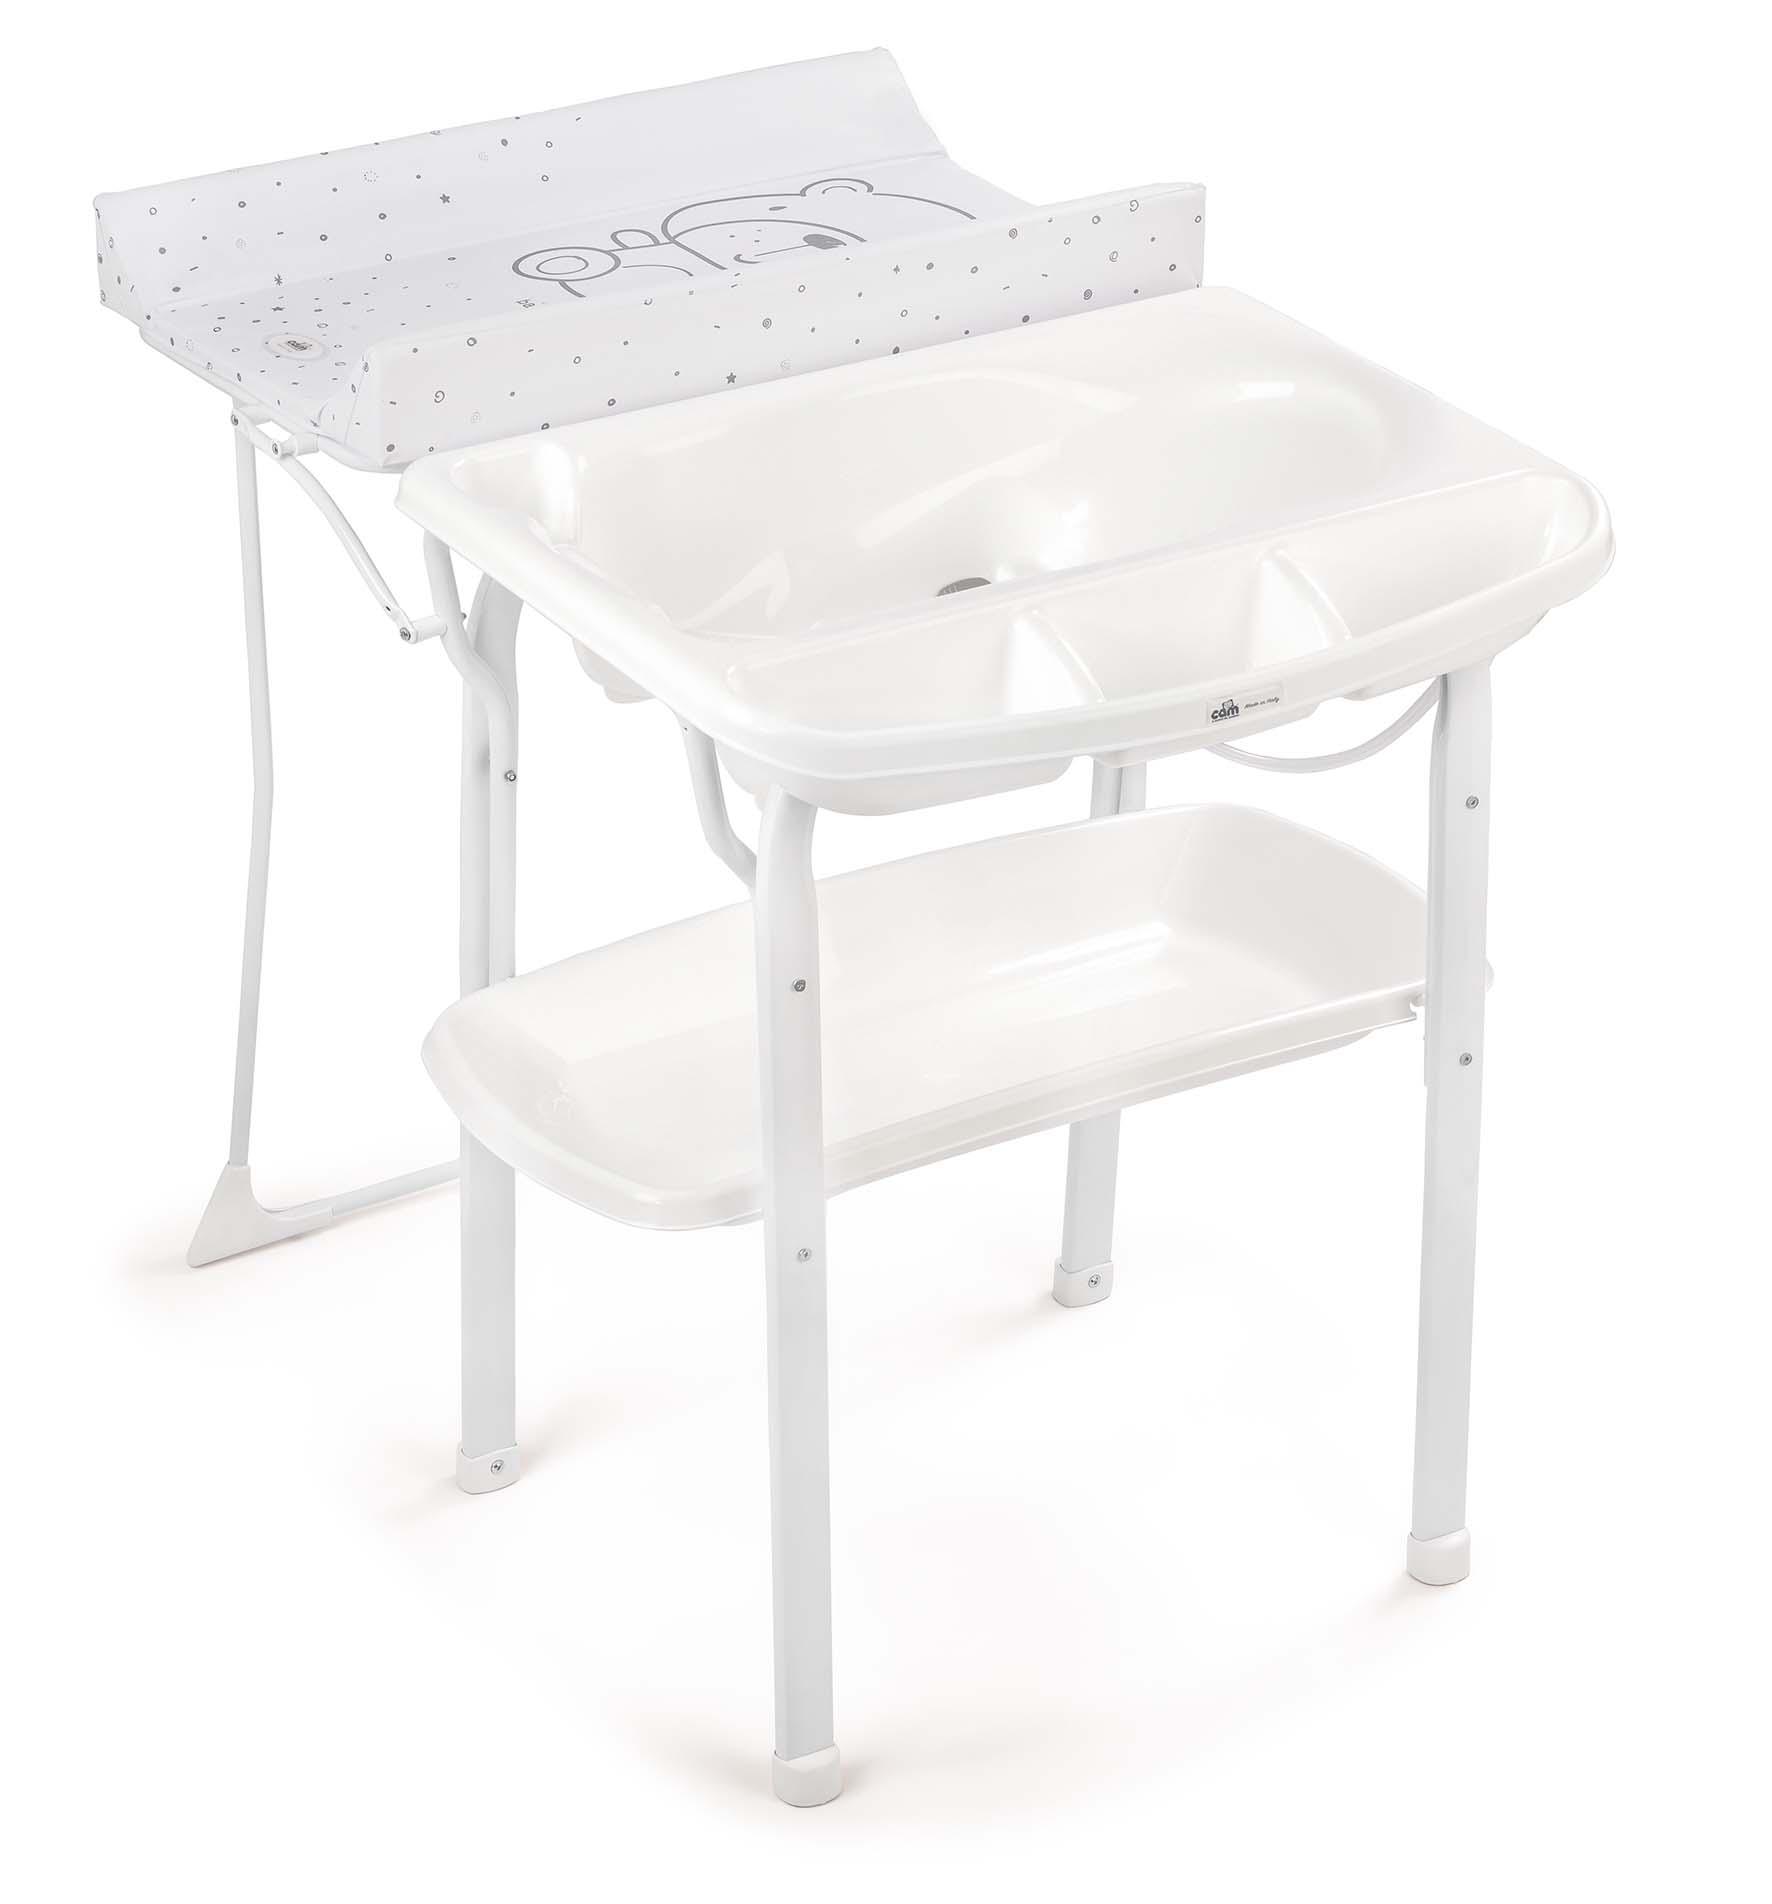 Přebalovací stůl Aqua Spa, Col.247